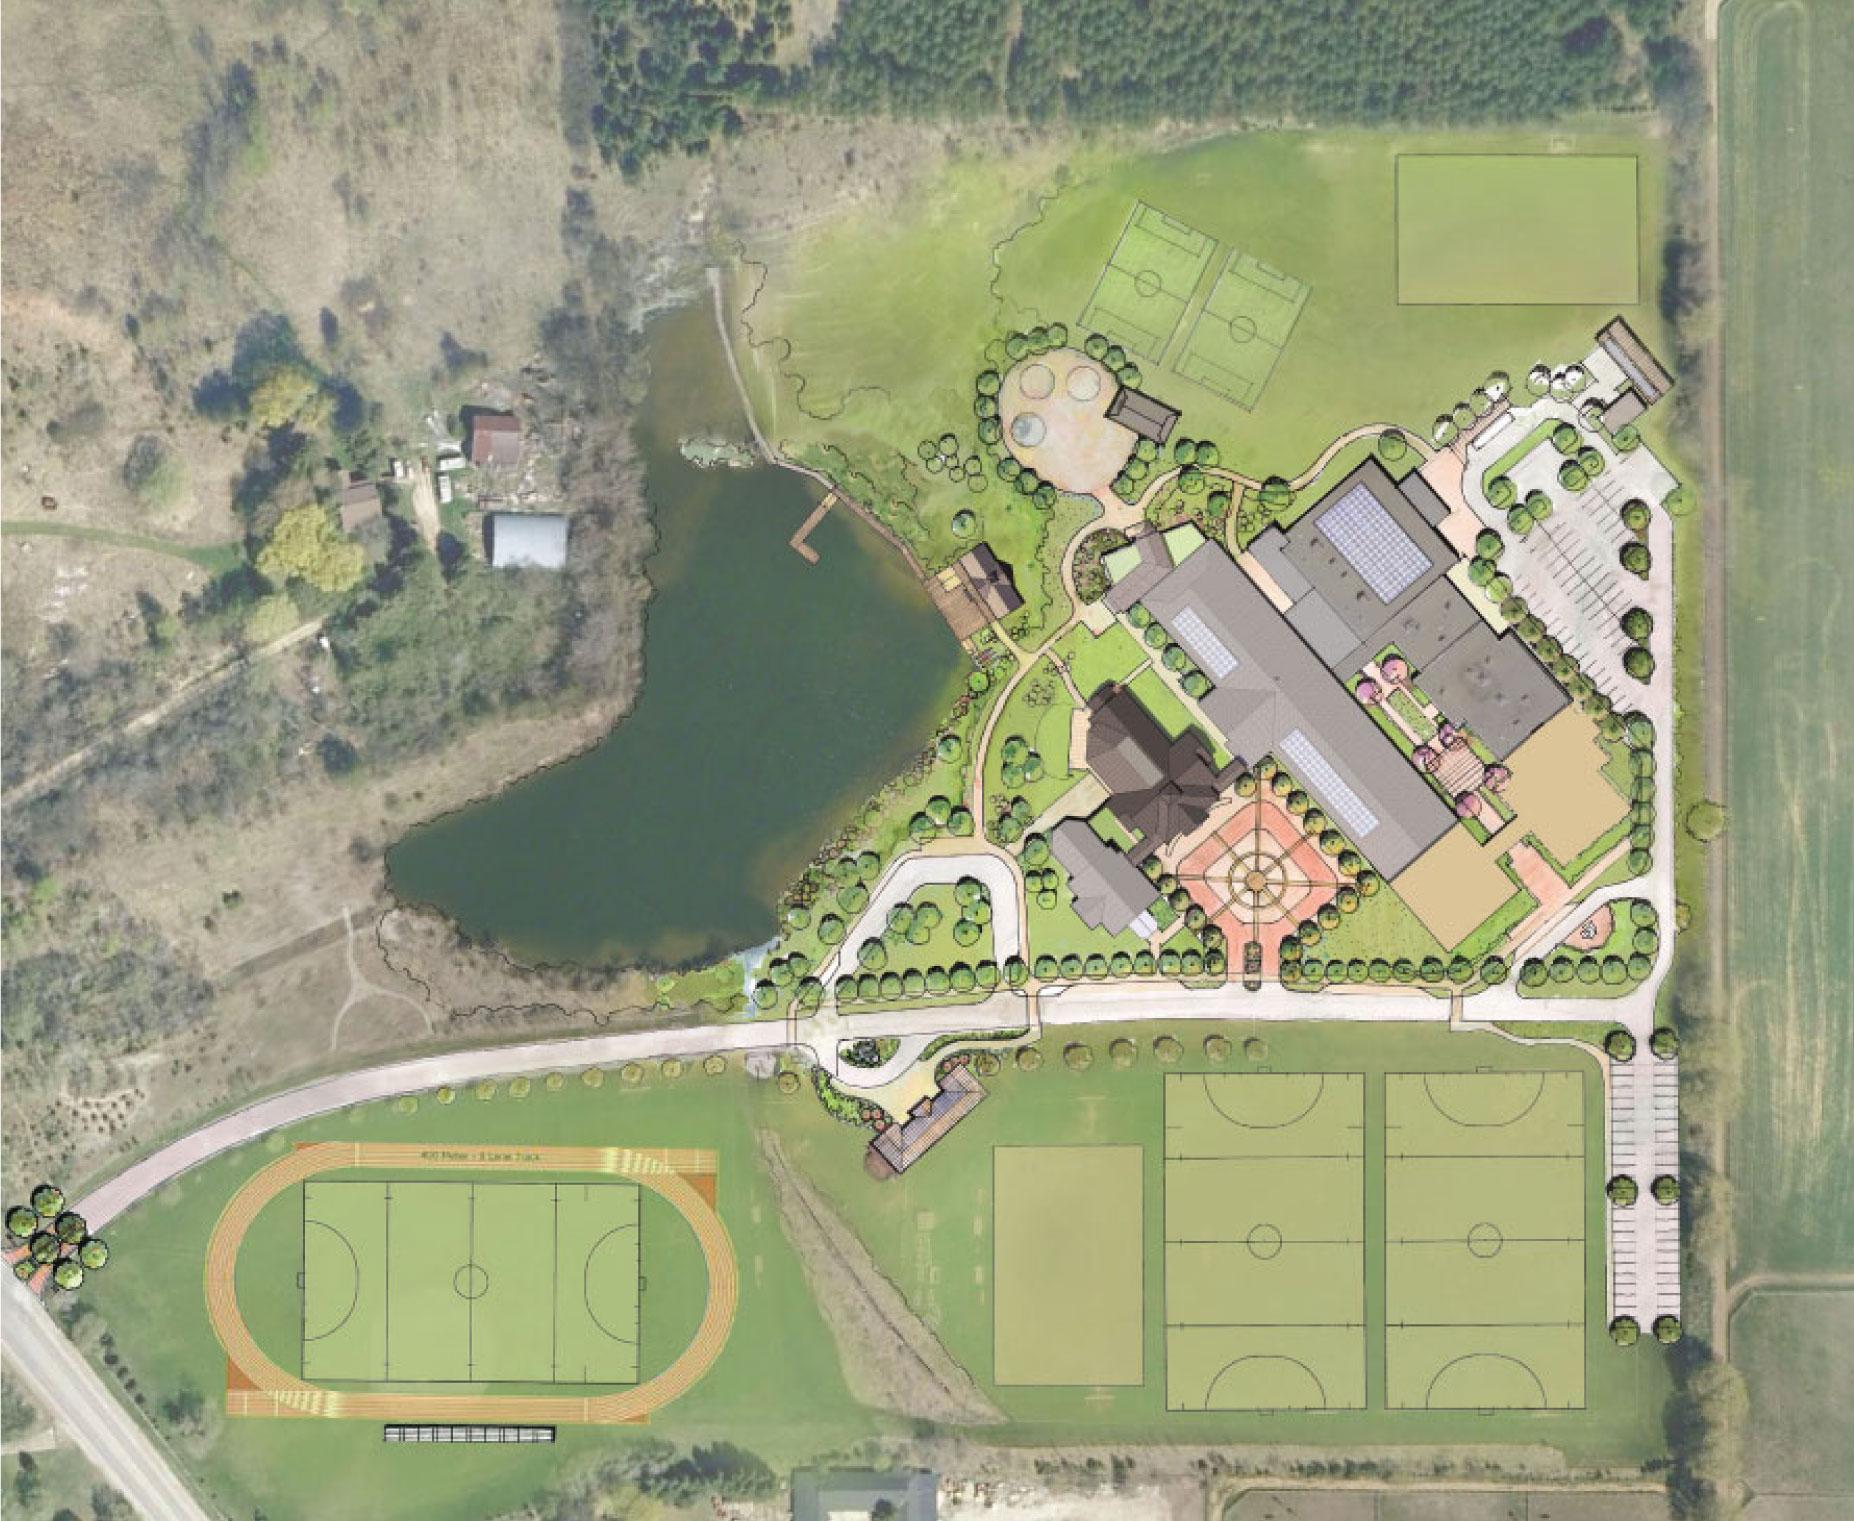 Resized - SJK Aerial View-01.jpg